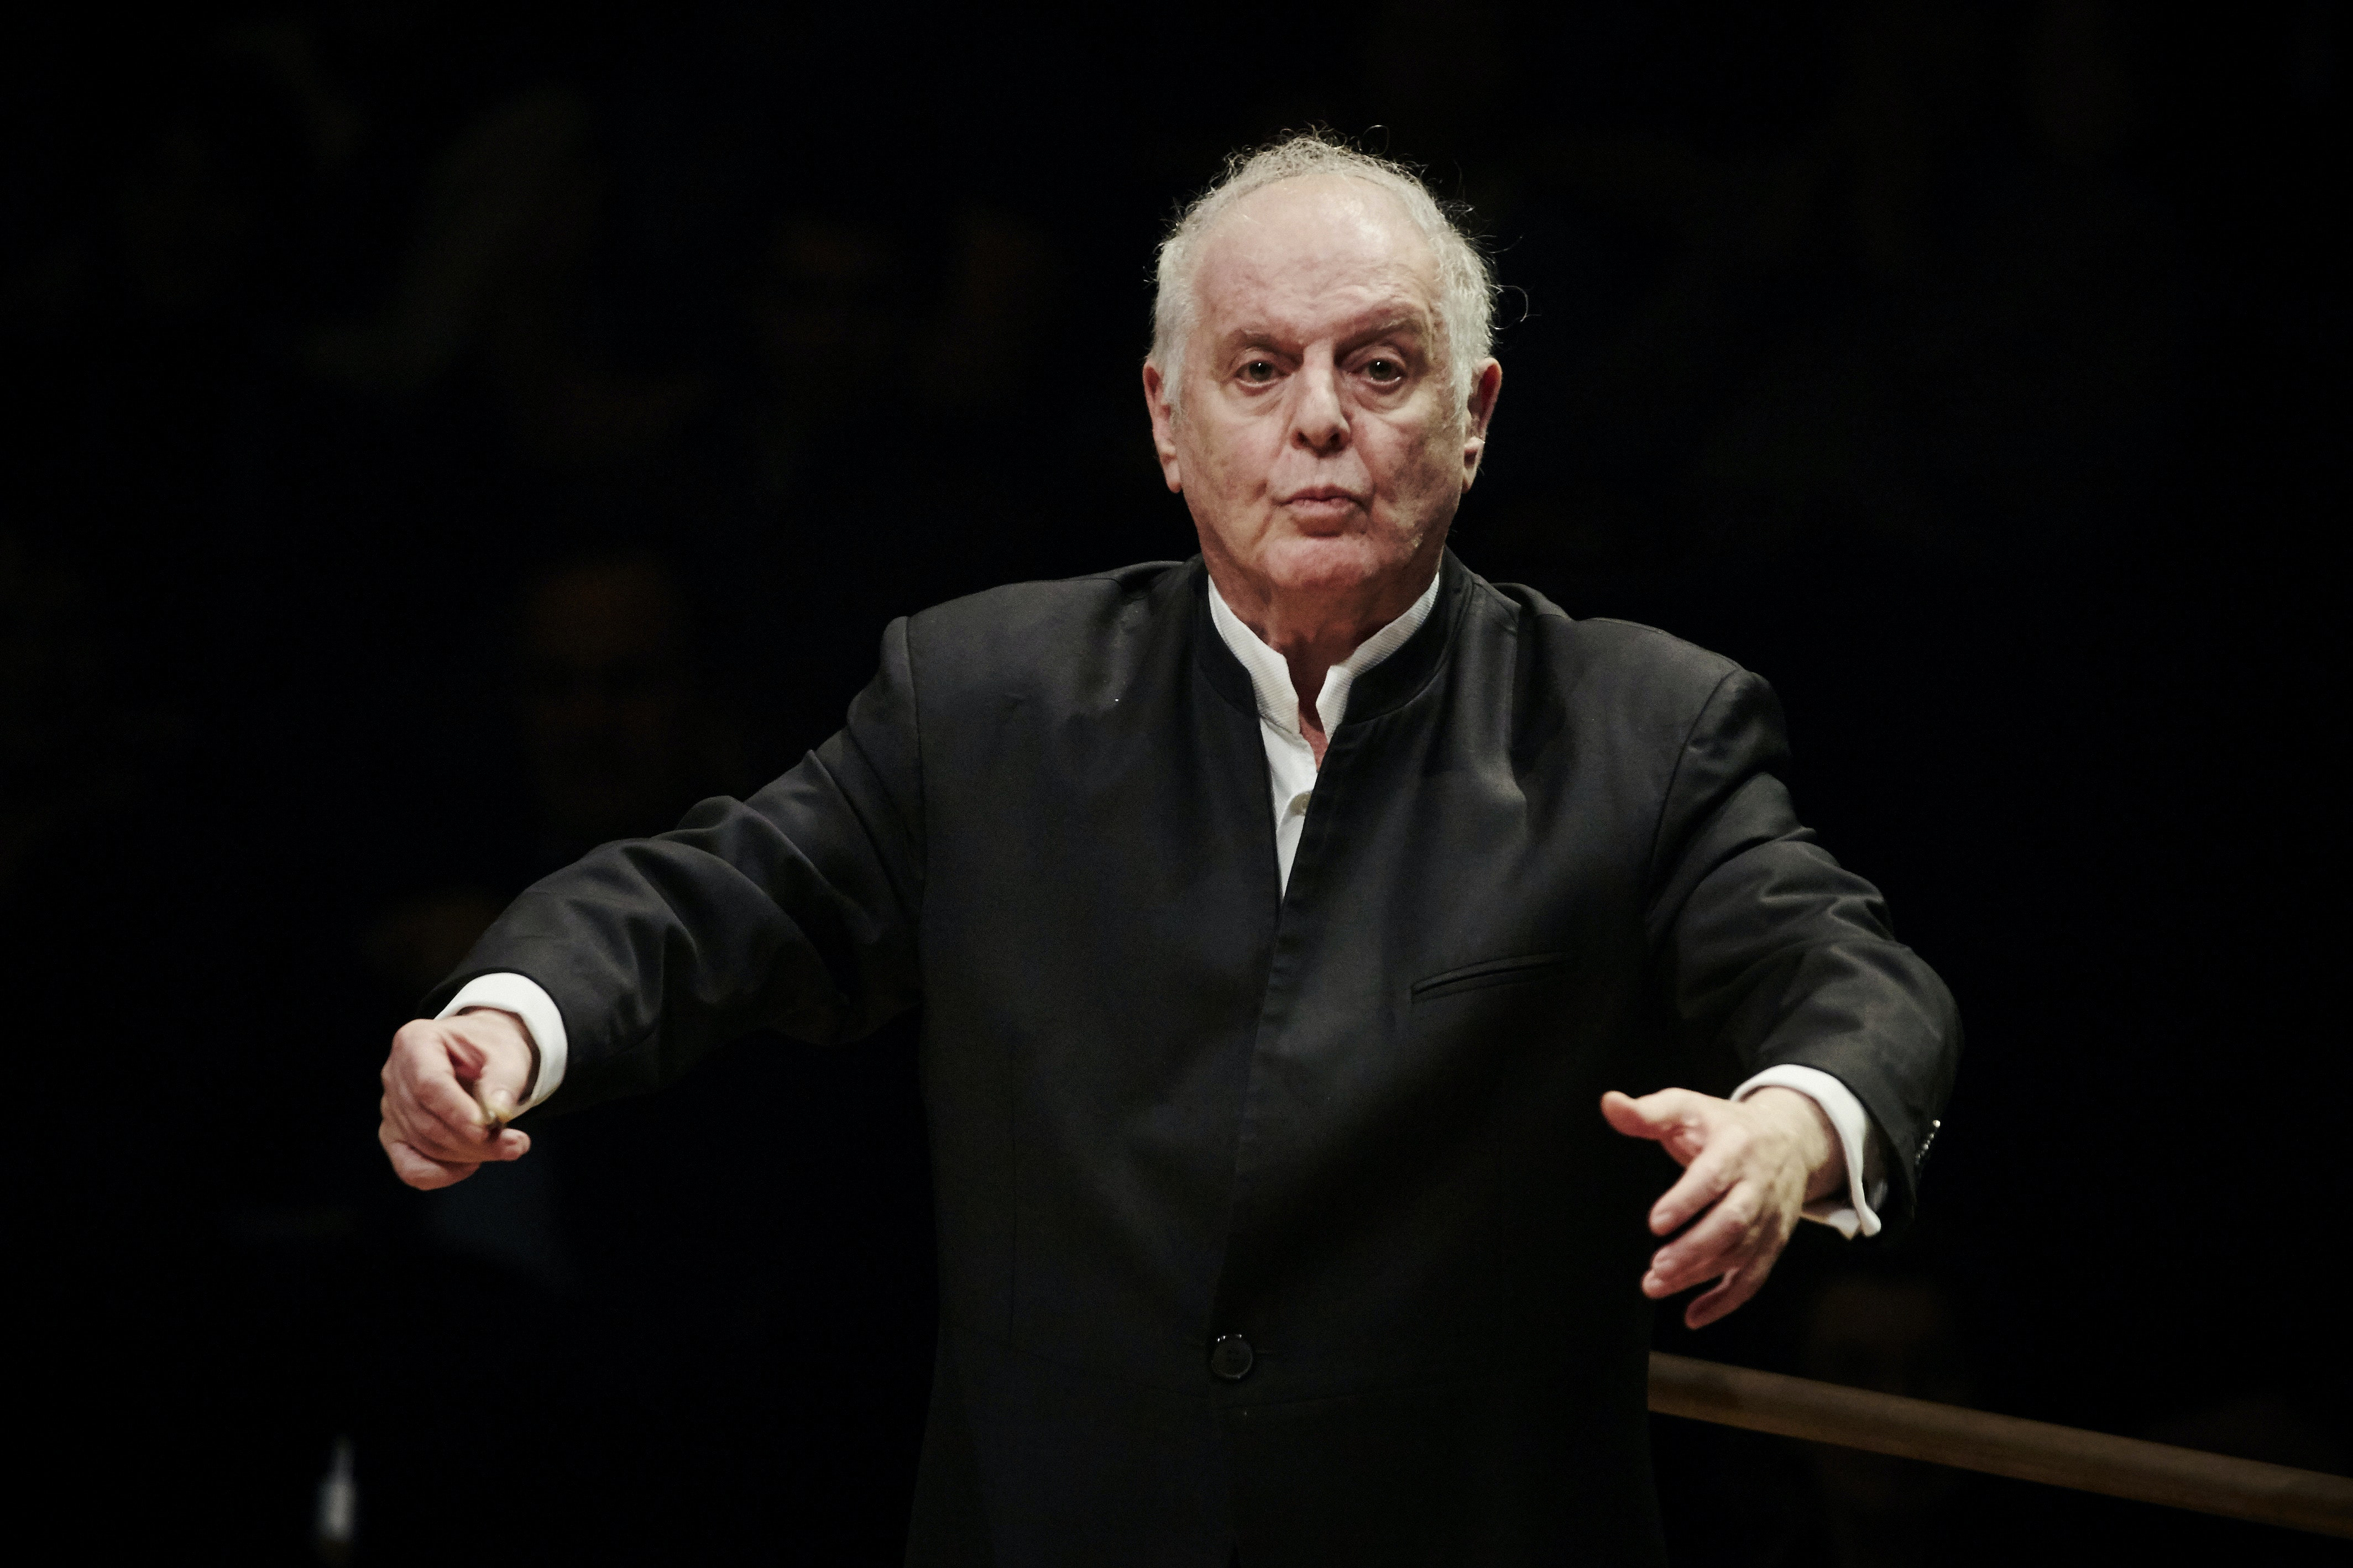 Daniel Barenboim conducts Bruckner's Symphony No. 1